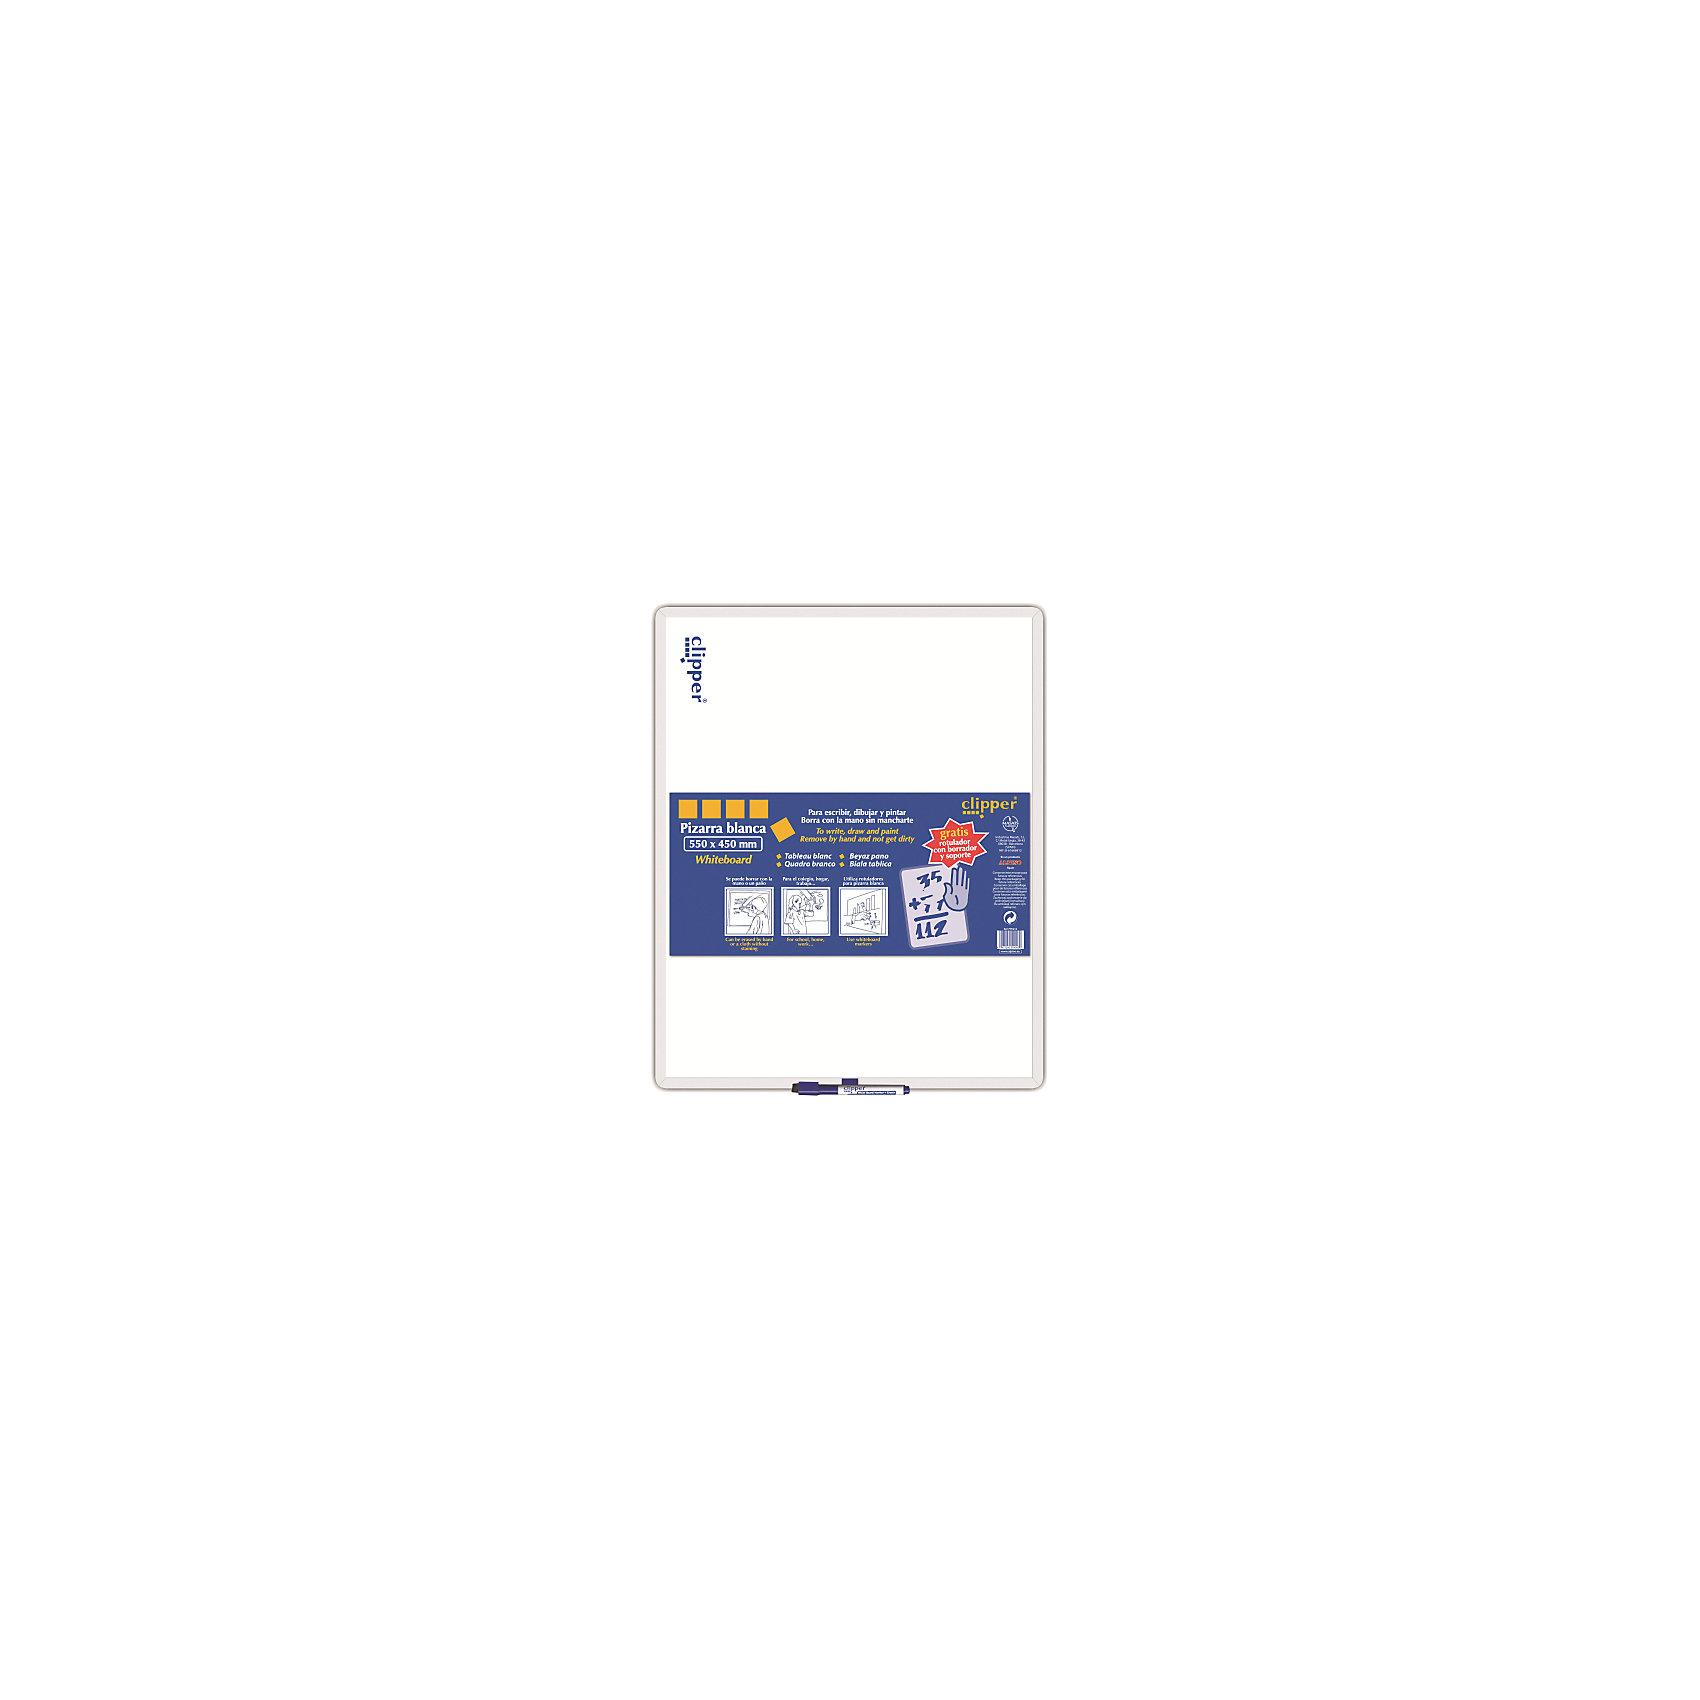 Маркерная доска, цвет белый, 44 x 55 см, 1 шт + маркерДоски для рисования<br>Комплект: доска ,маркер и губка в колпачке<br>Изготовлена из нетоксичных материалов, основа ПВХ<br>Предназначена для ежедневных записей<br>Упаковка с европетлей<br>Производитель: ALPINO (Испания)<br><br>Ширина мм: 440<br>Глубина мм: 10<br>Высота мм: 550<br>Вес г: 450<br>Возраст от месяцев: 36<br>Возраст до месяцев: 120<br>Пол: Унисекс<br>Возраст: Детский<br>SKU: 5389789